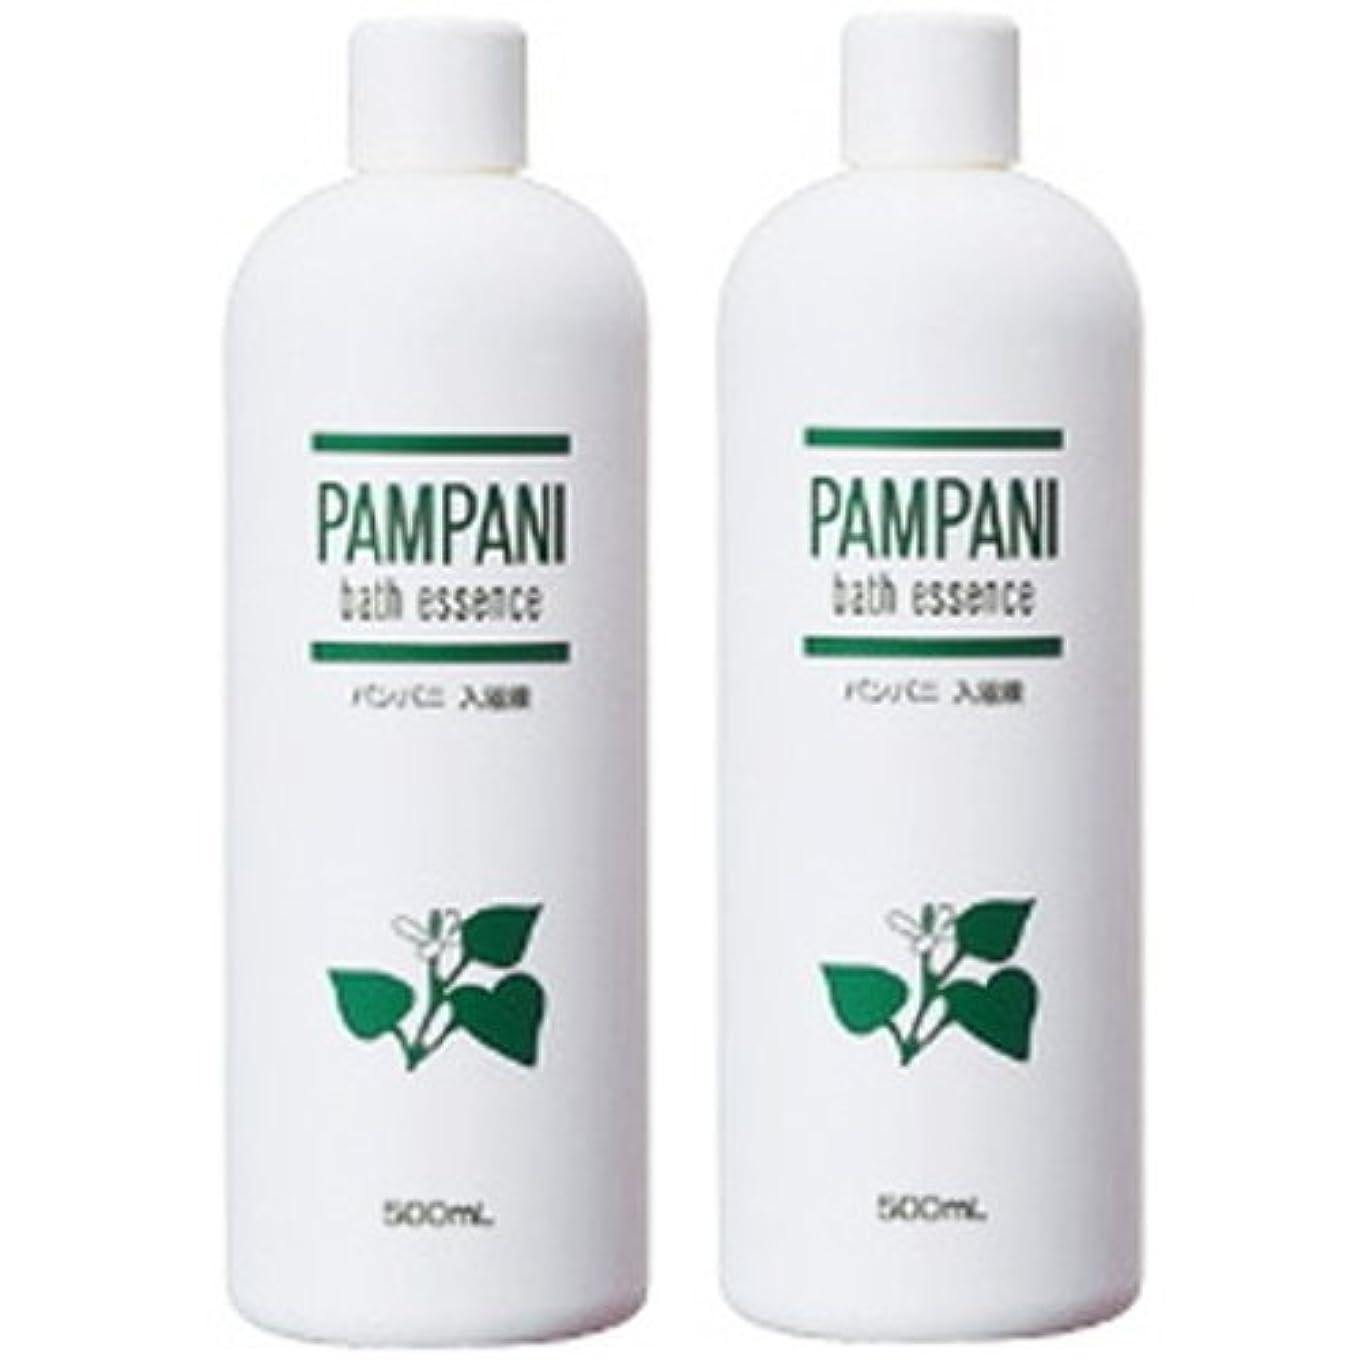 予約エイリアス厳しいパンパニ(PAMPANI) 入浴液 (希釈タイプ) 500ml×2本組